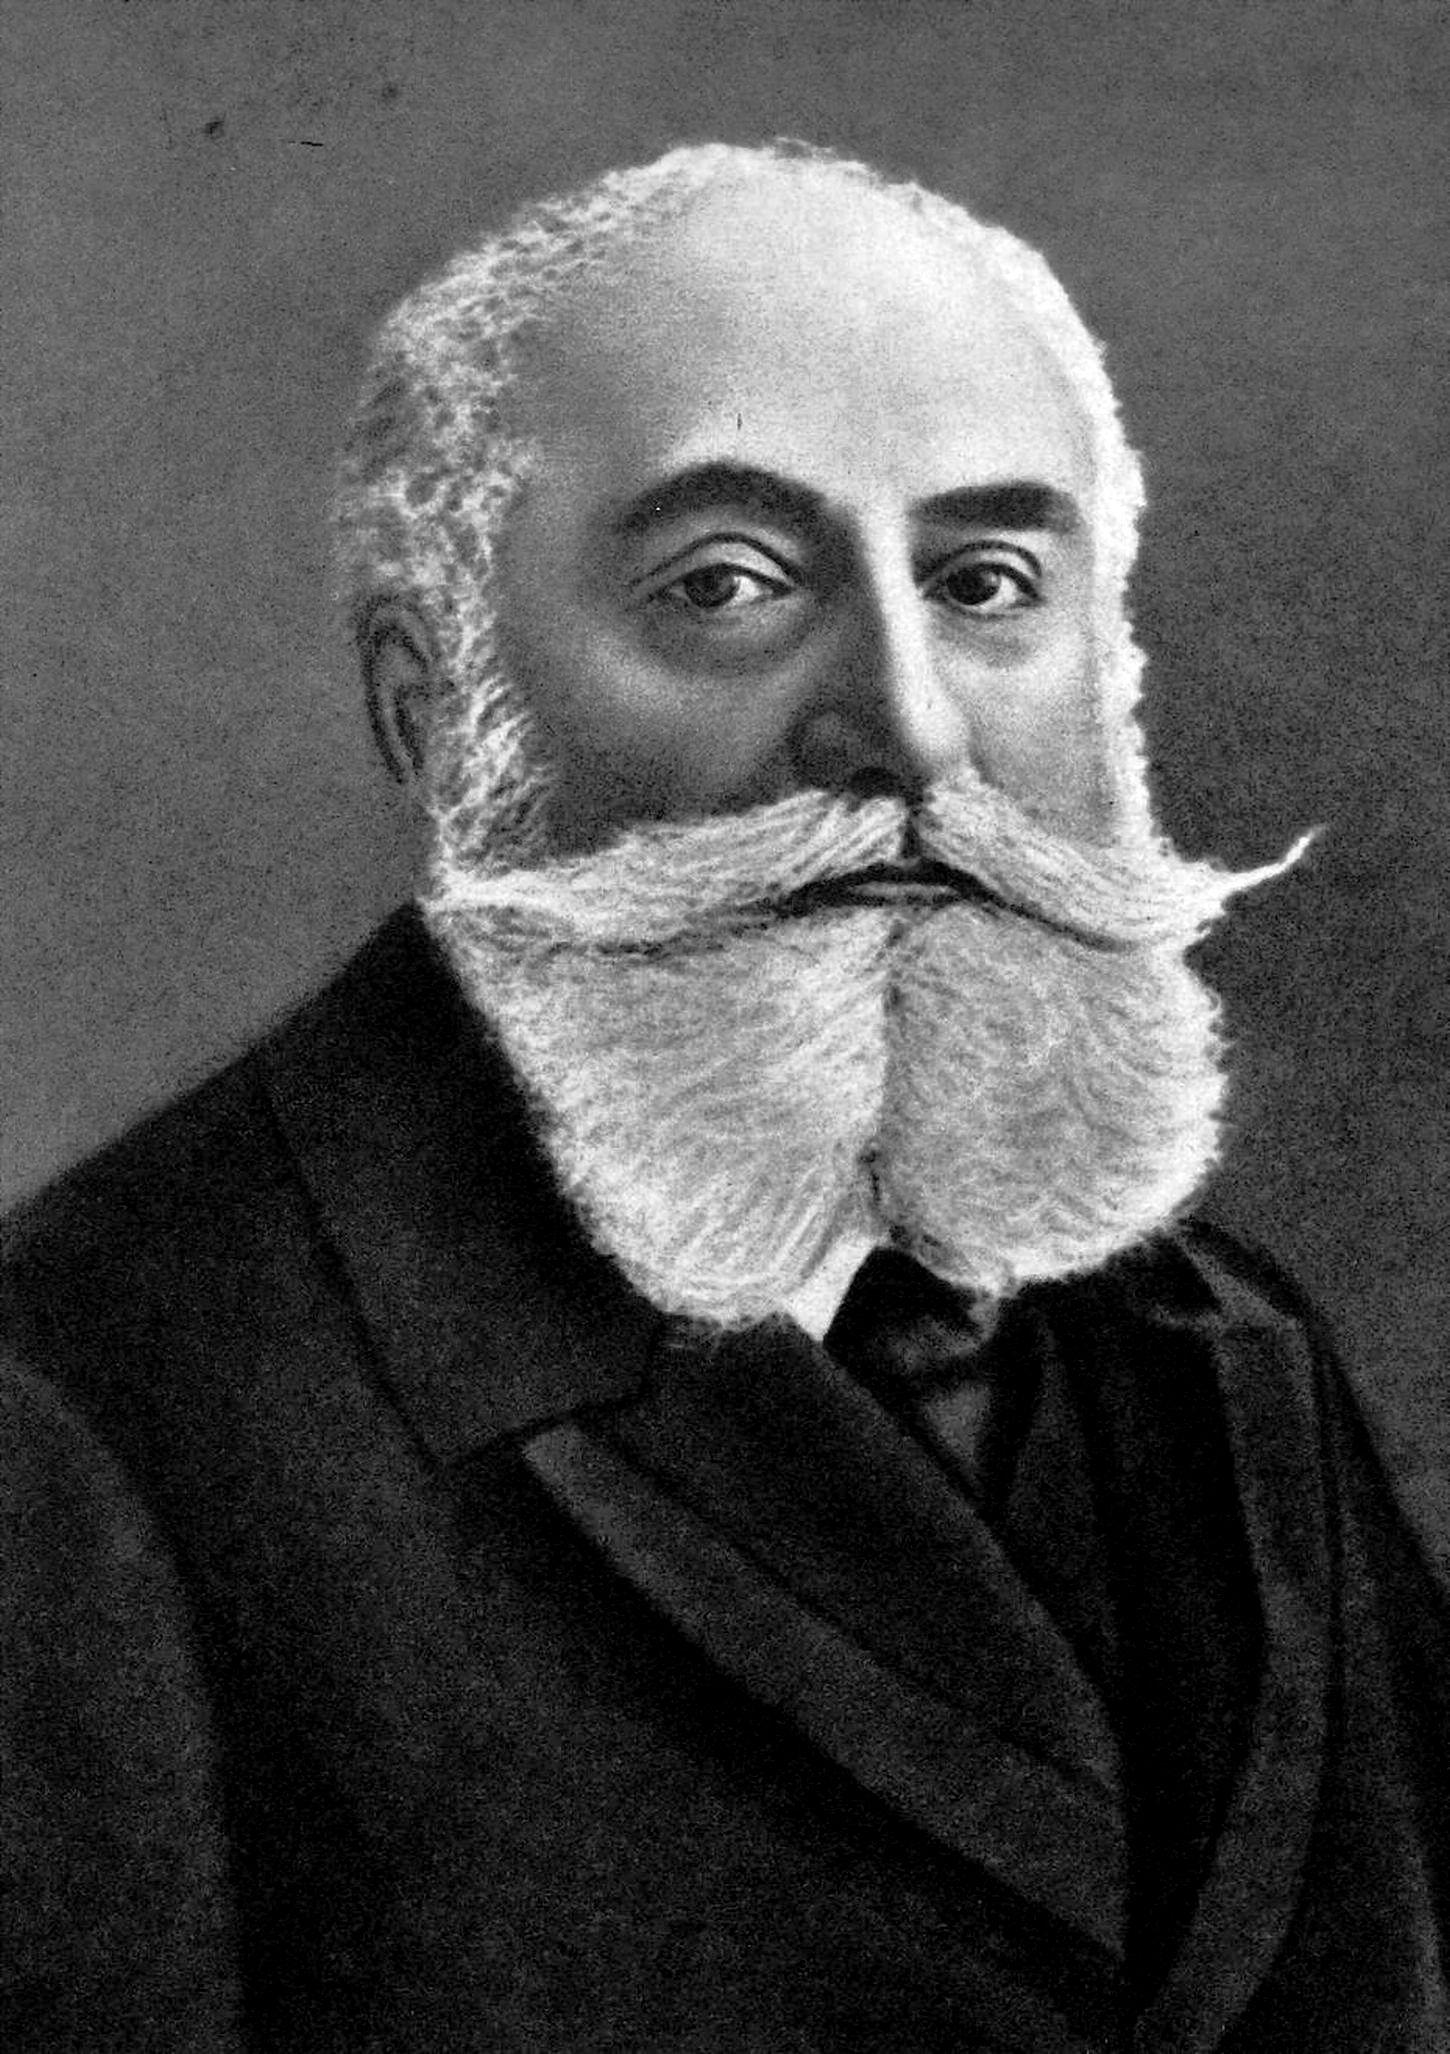 Max Nordau